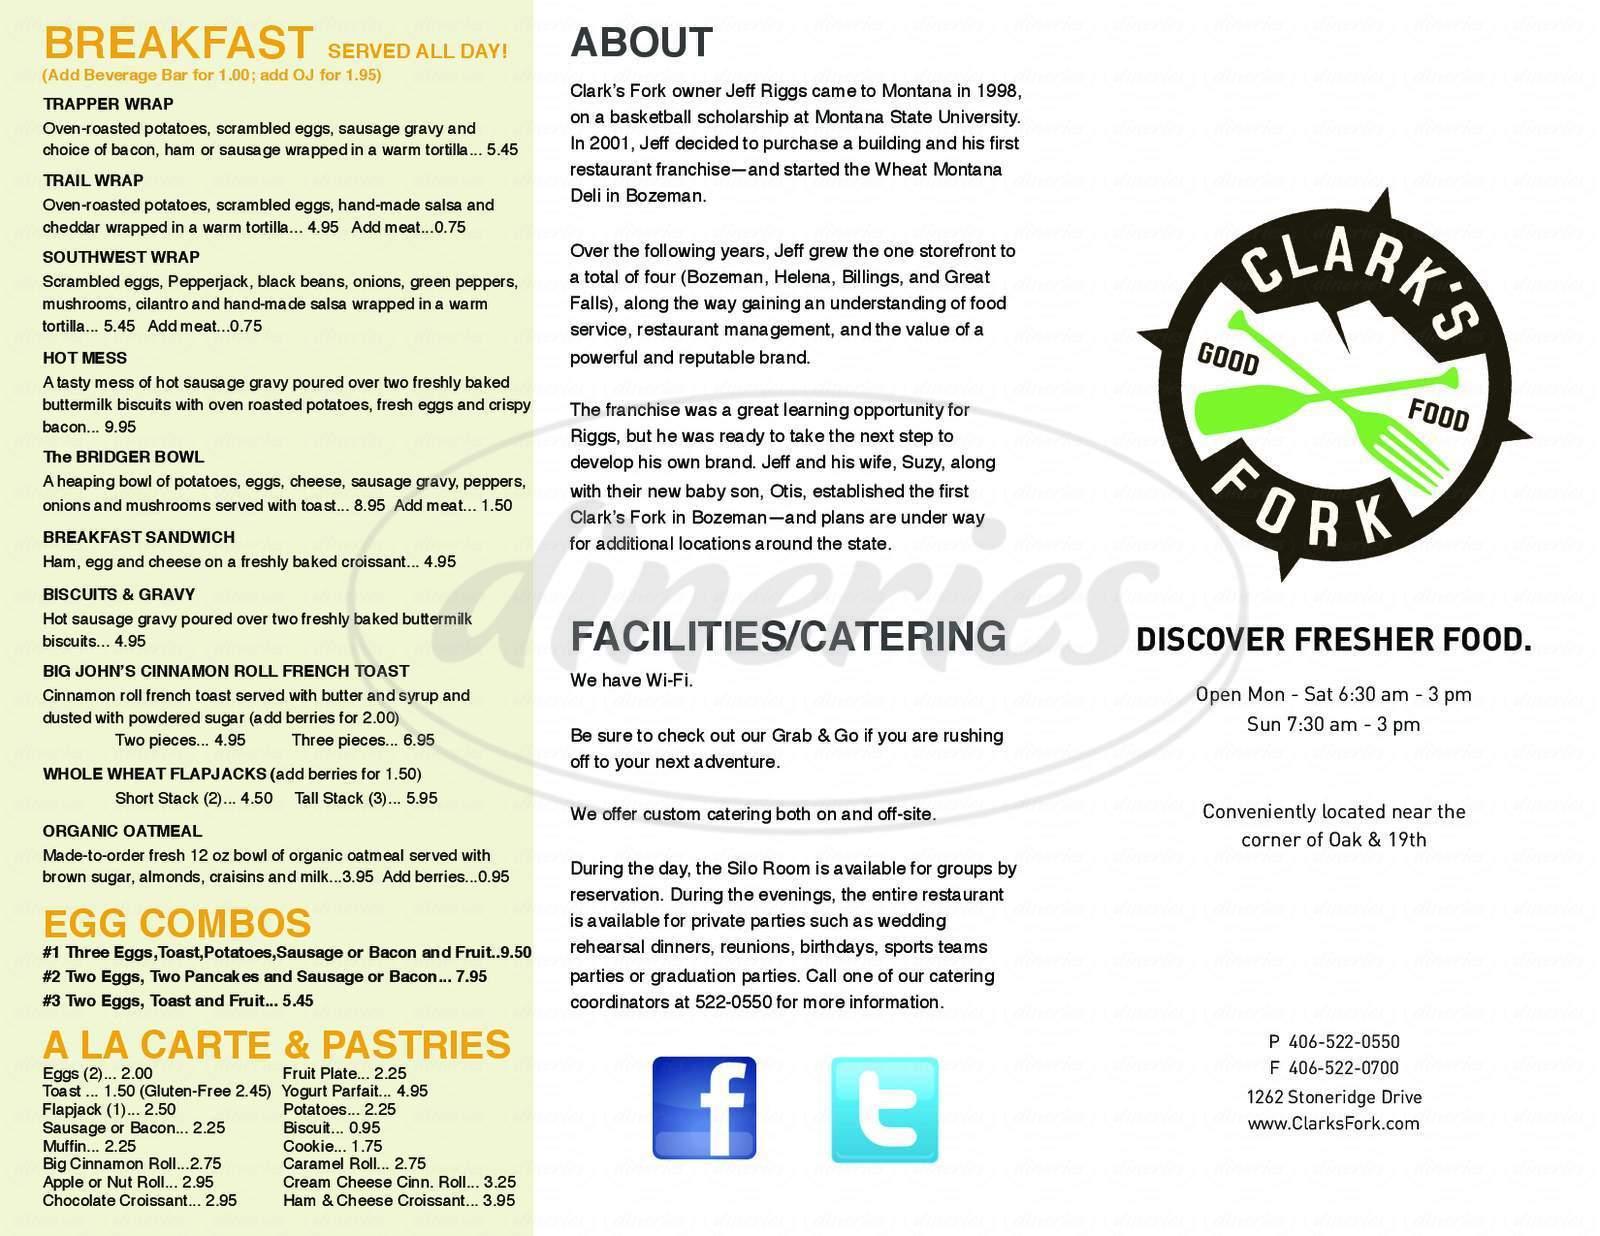 menu for Clarks Fork